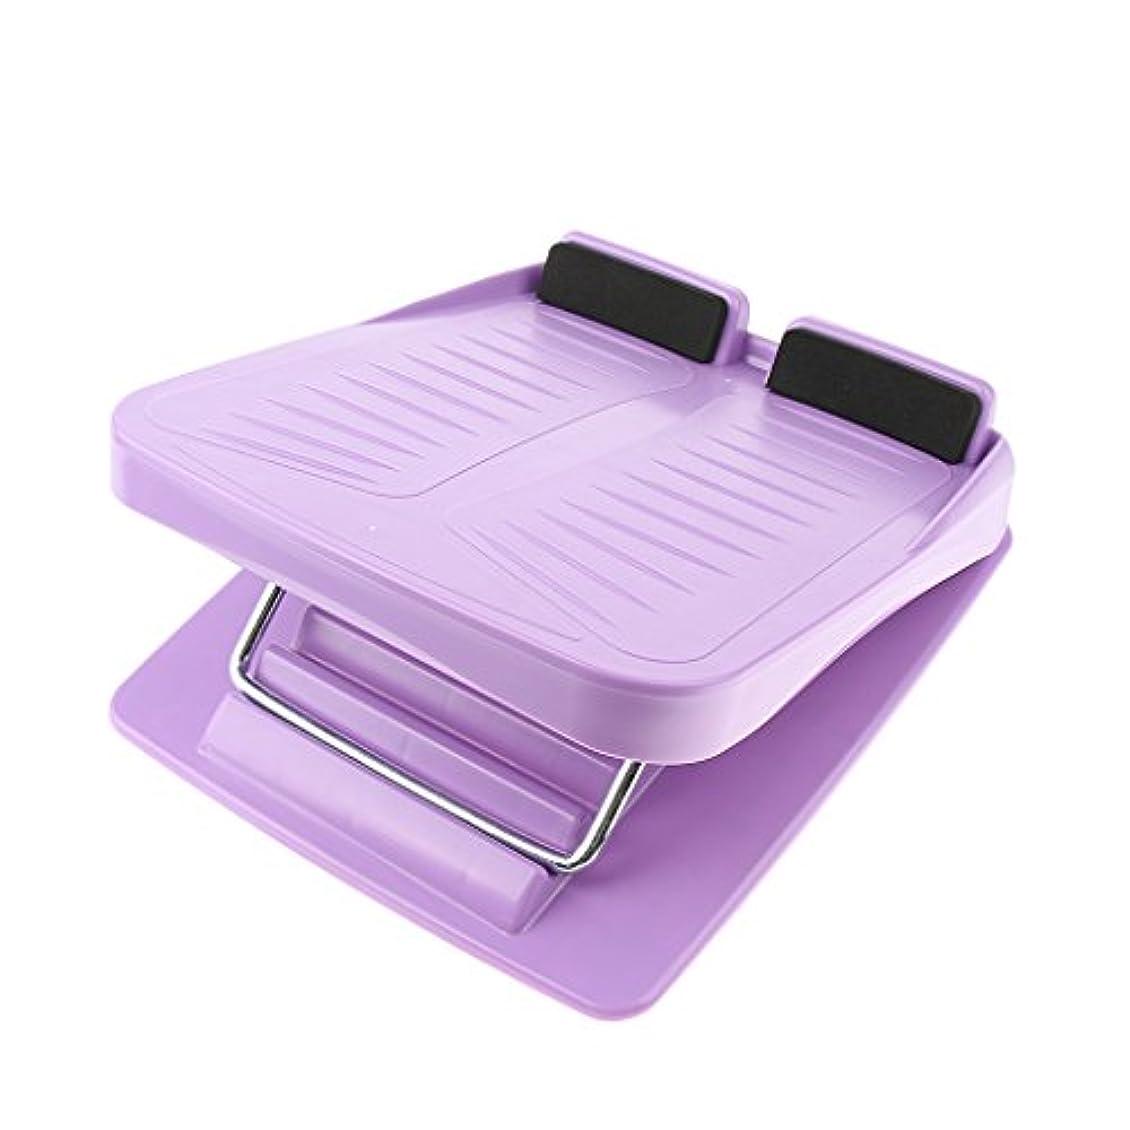 機知に富んだホステル失望させるP Prettyia ストレッチボード ストレッチ台 調整可能 アンチスリップ カーフストレッチ 斜面ボード 全3色 - 紫の